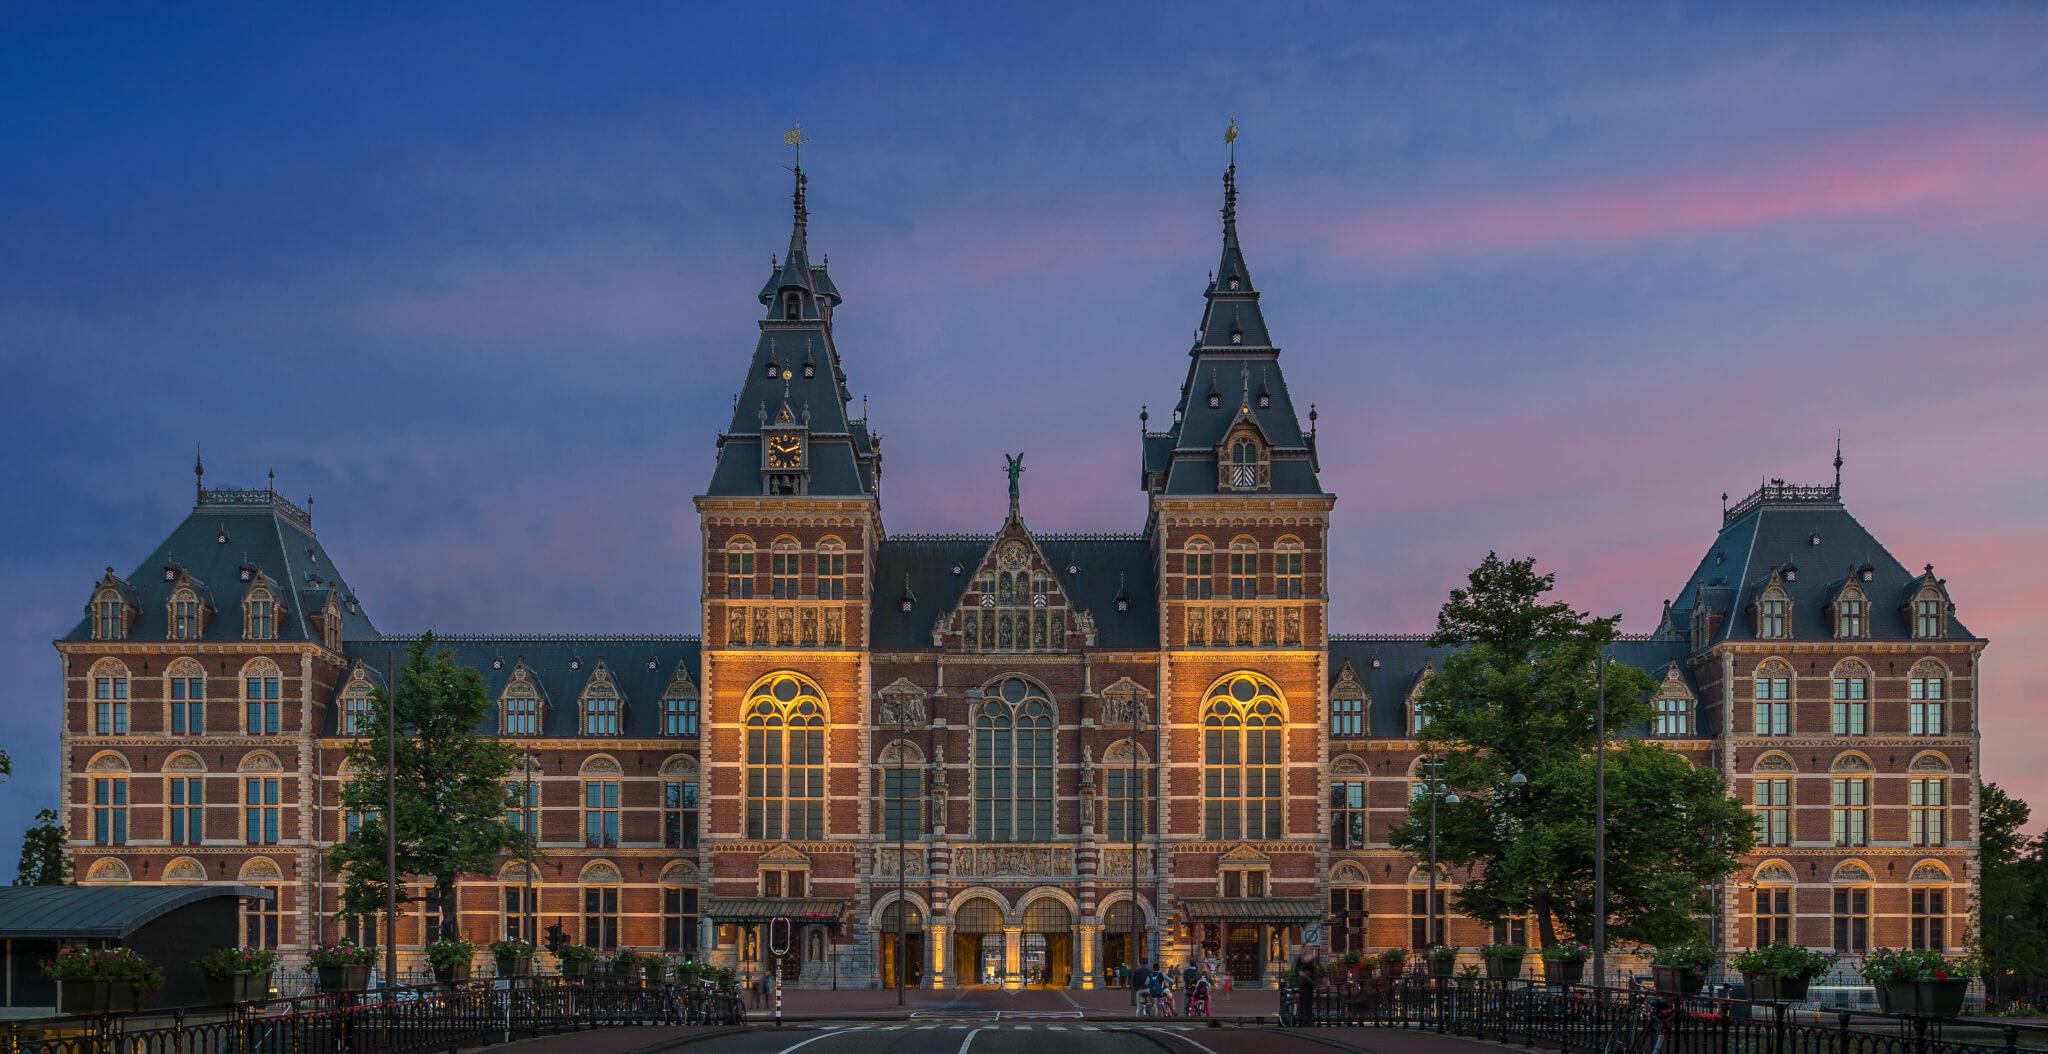 Rijksmuseum Amsterdam Exterior